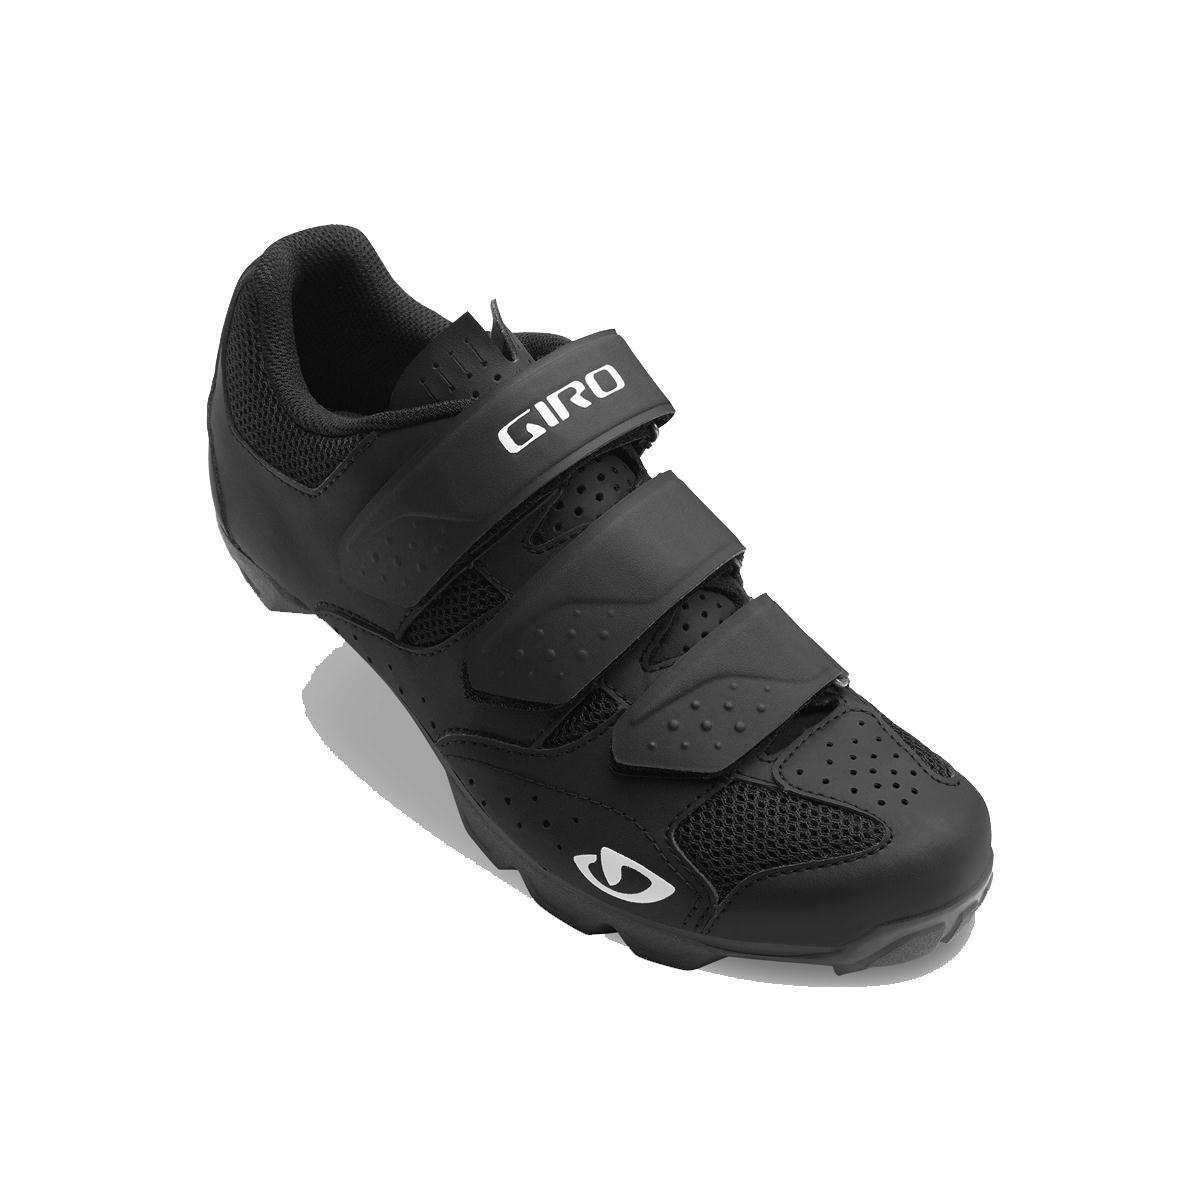 Giro Riela R II Cycling Shoes - Women's Black 36